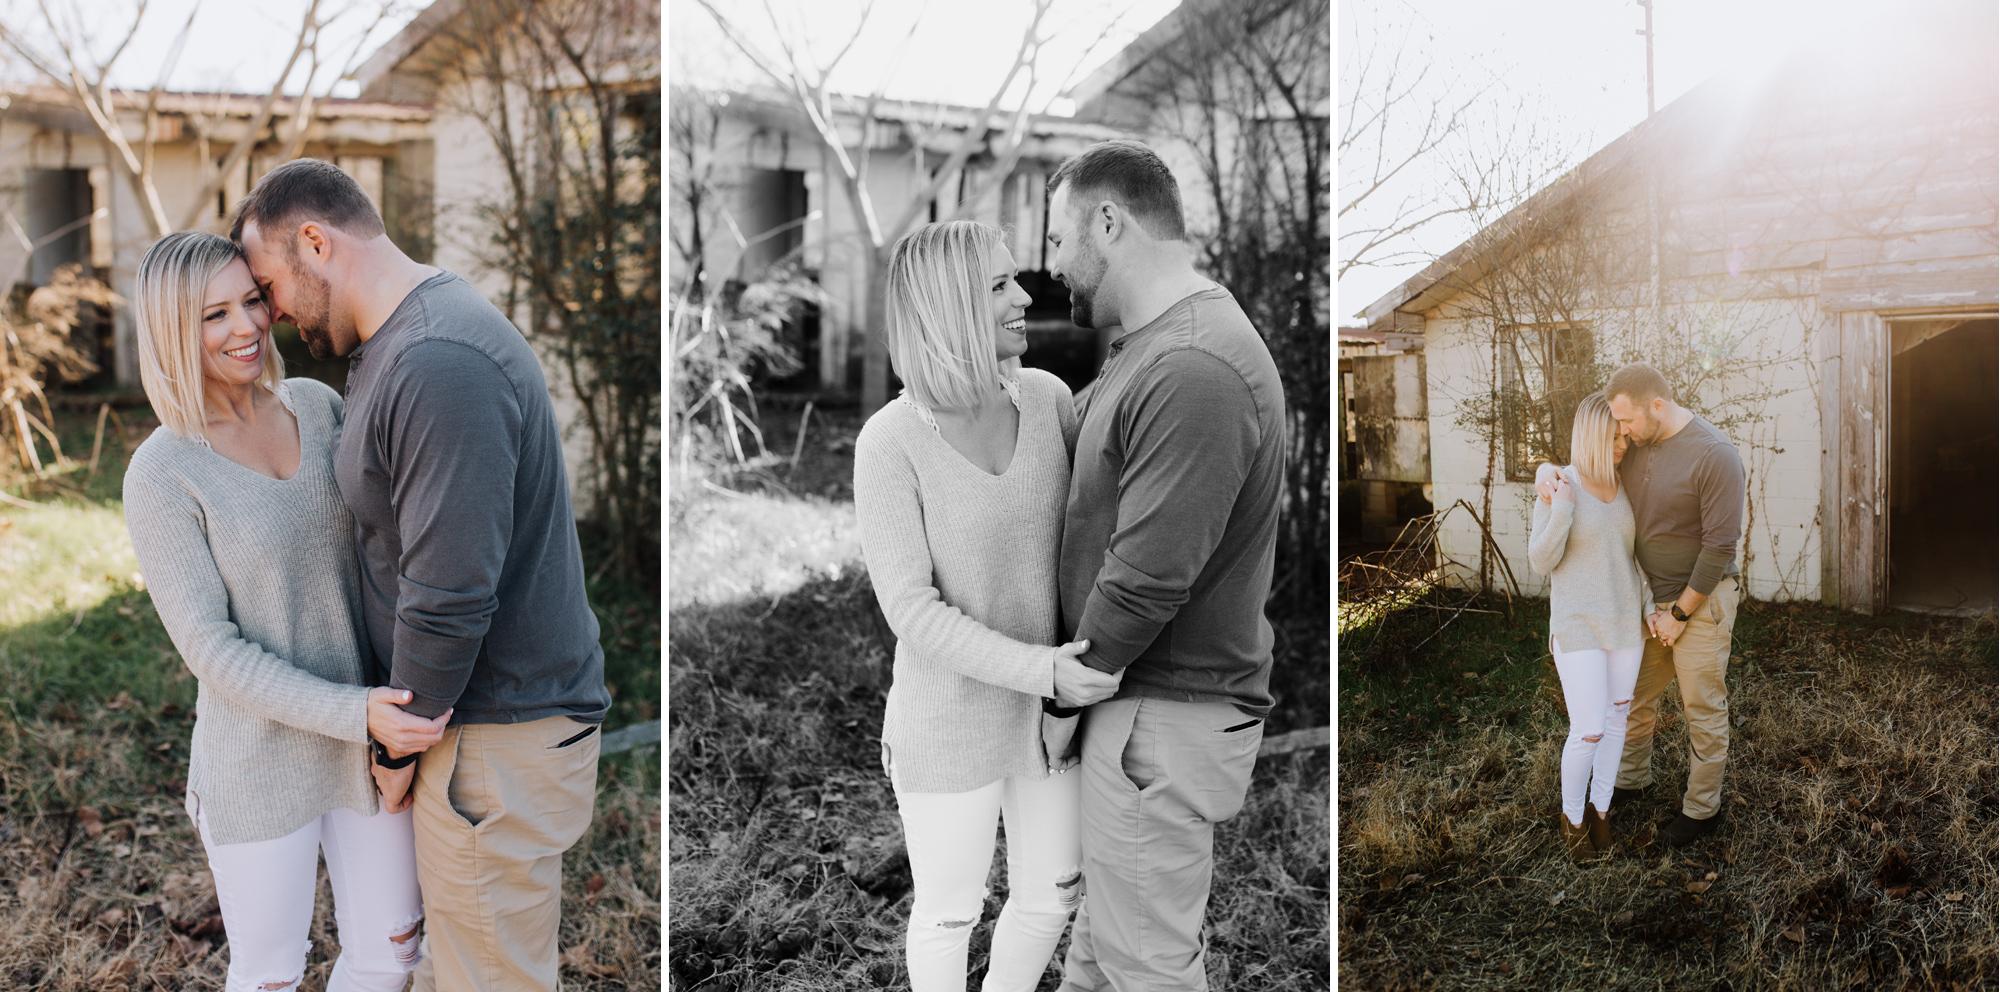 009-outdoor-winter-couple-photos.jpg